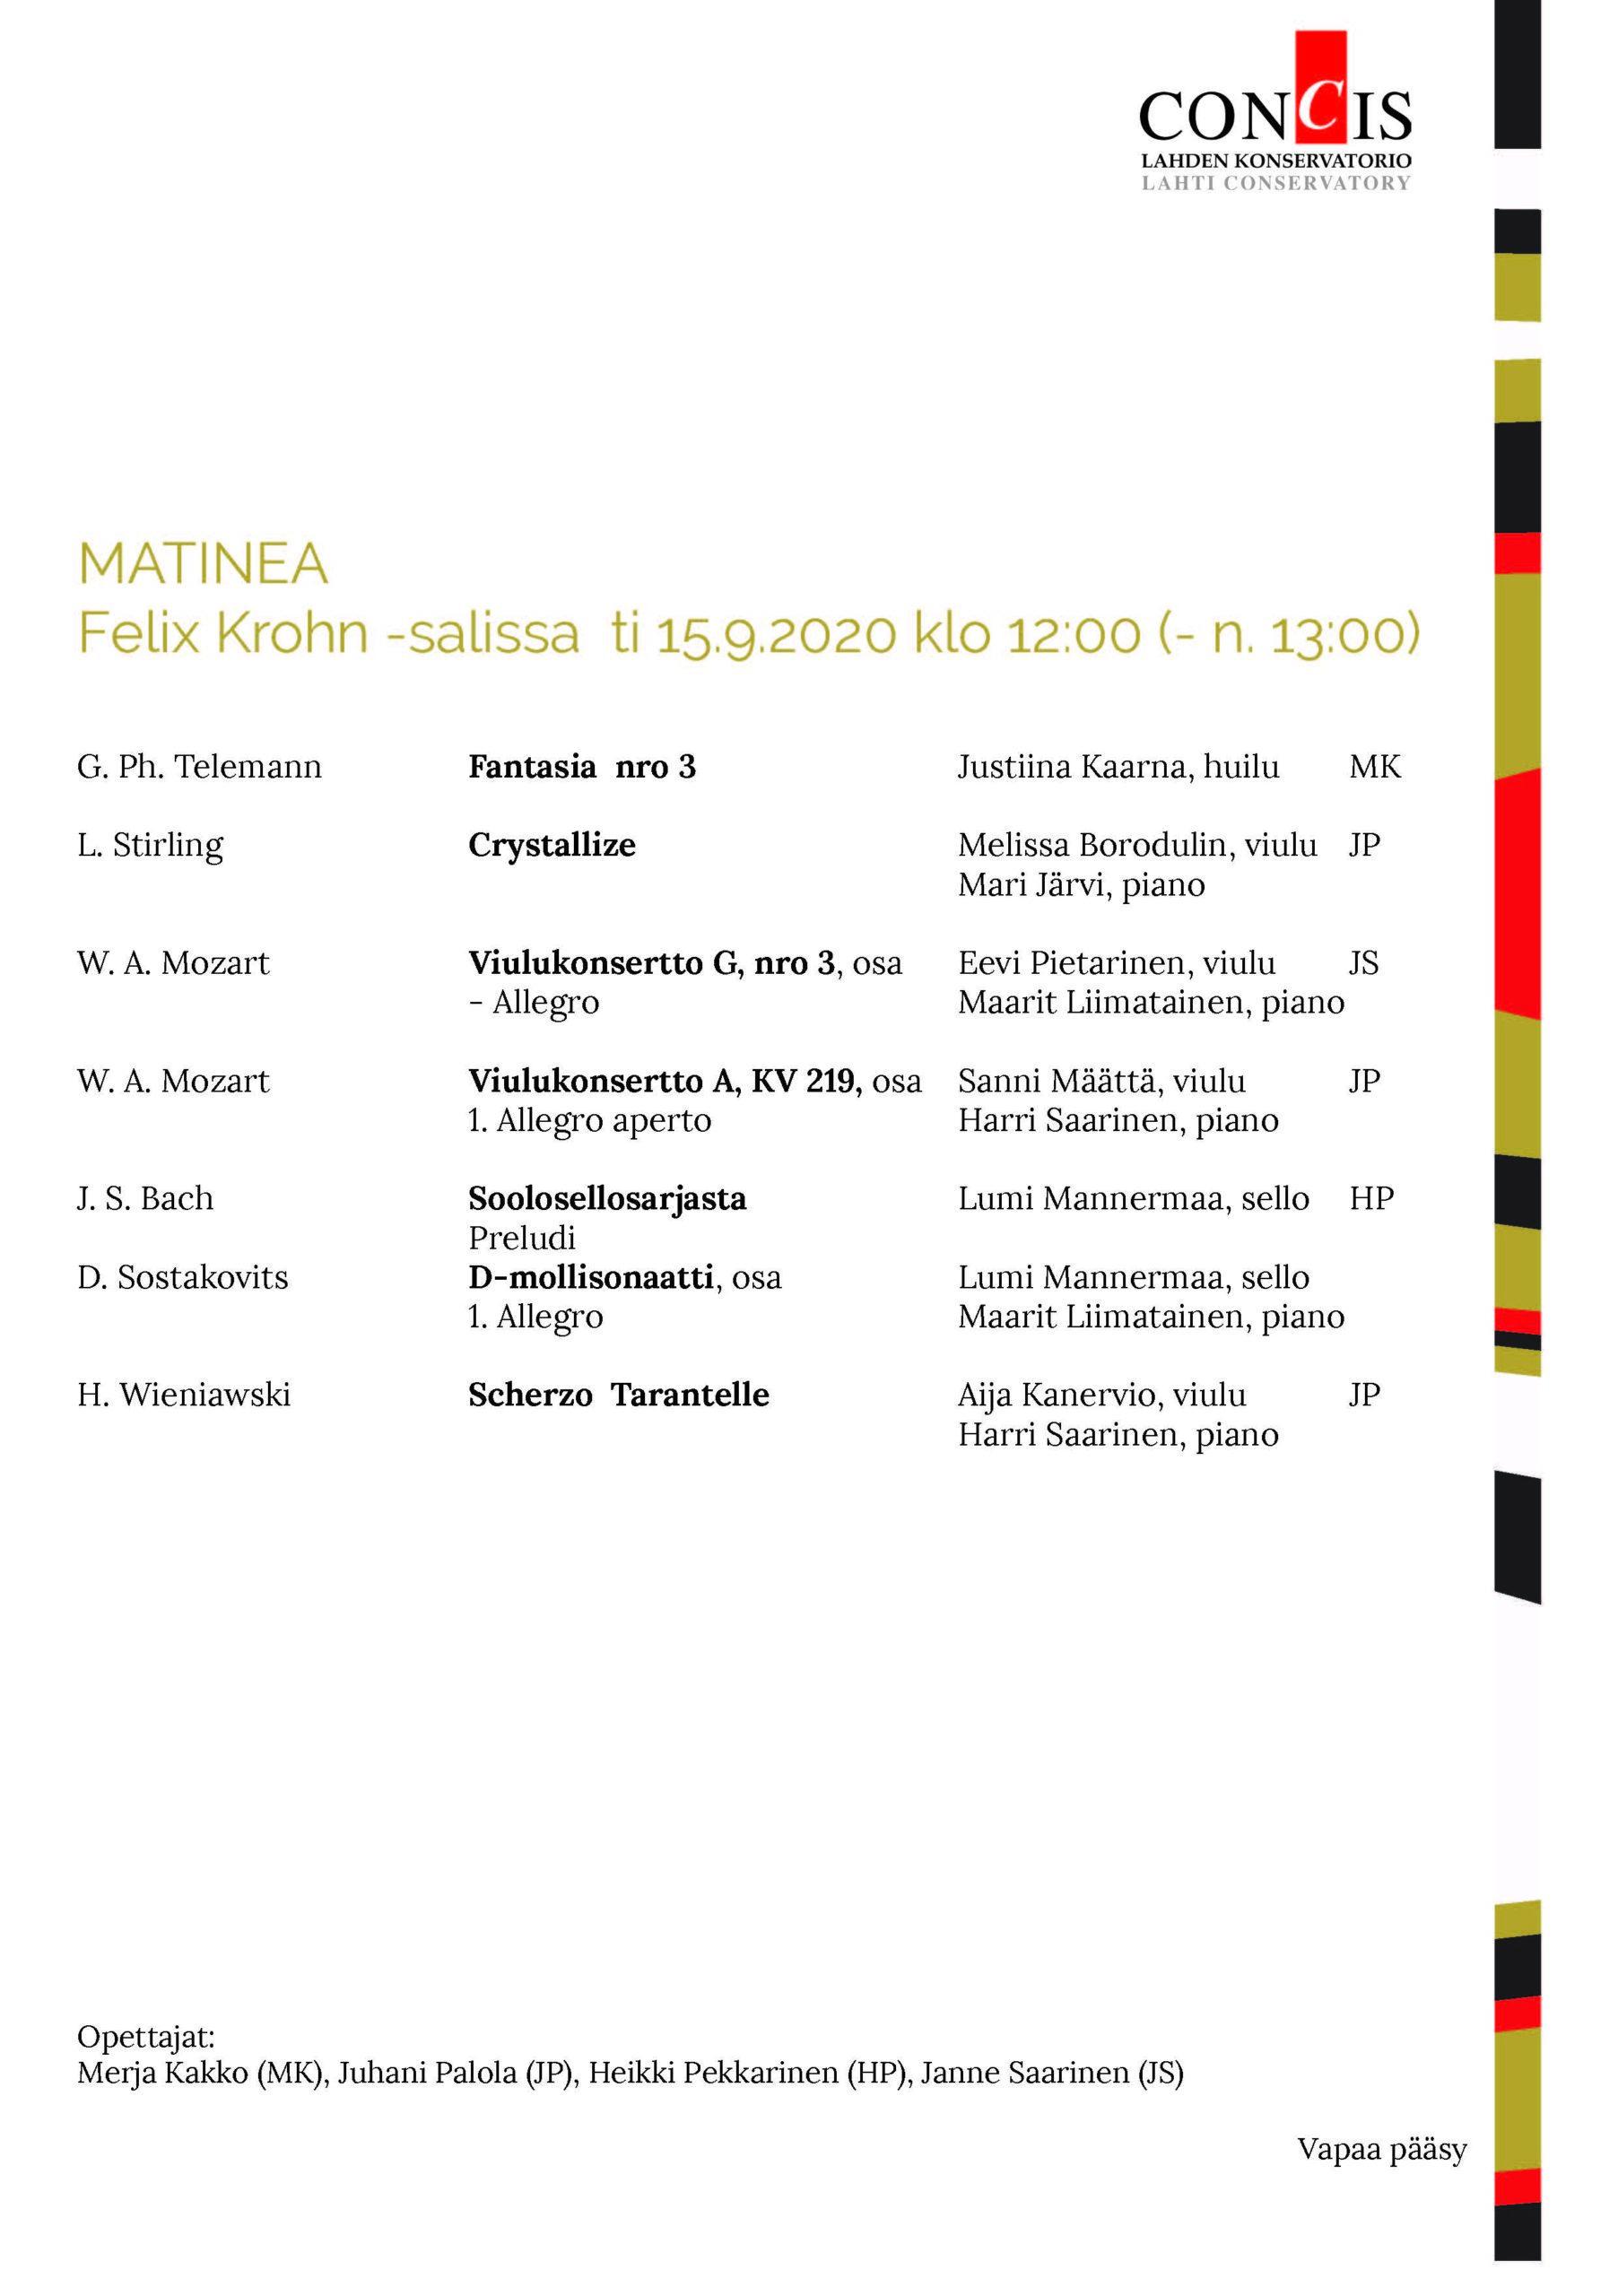 Käsiohjelma Matinea 15.9.